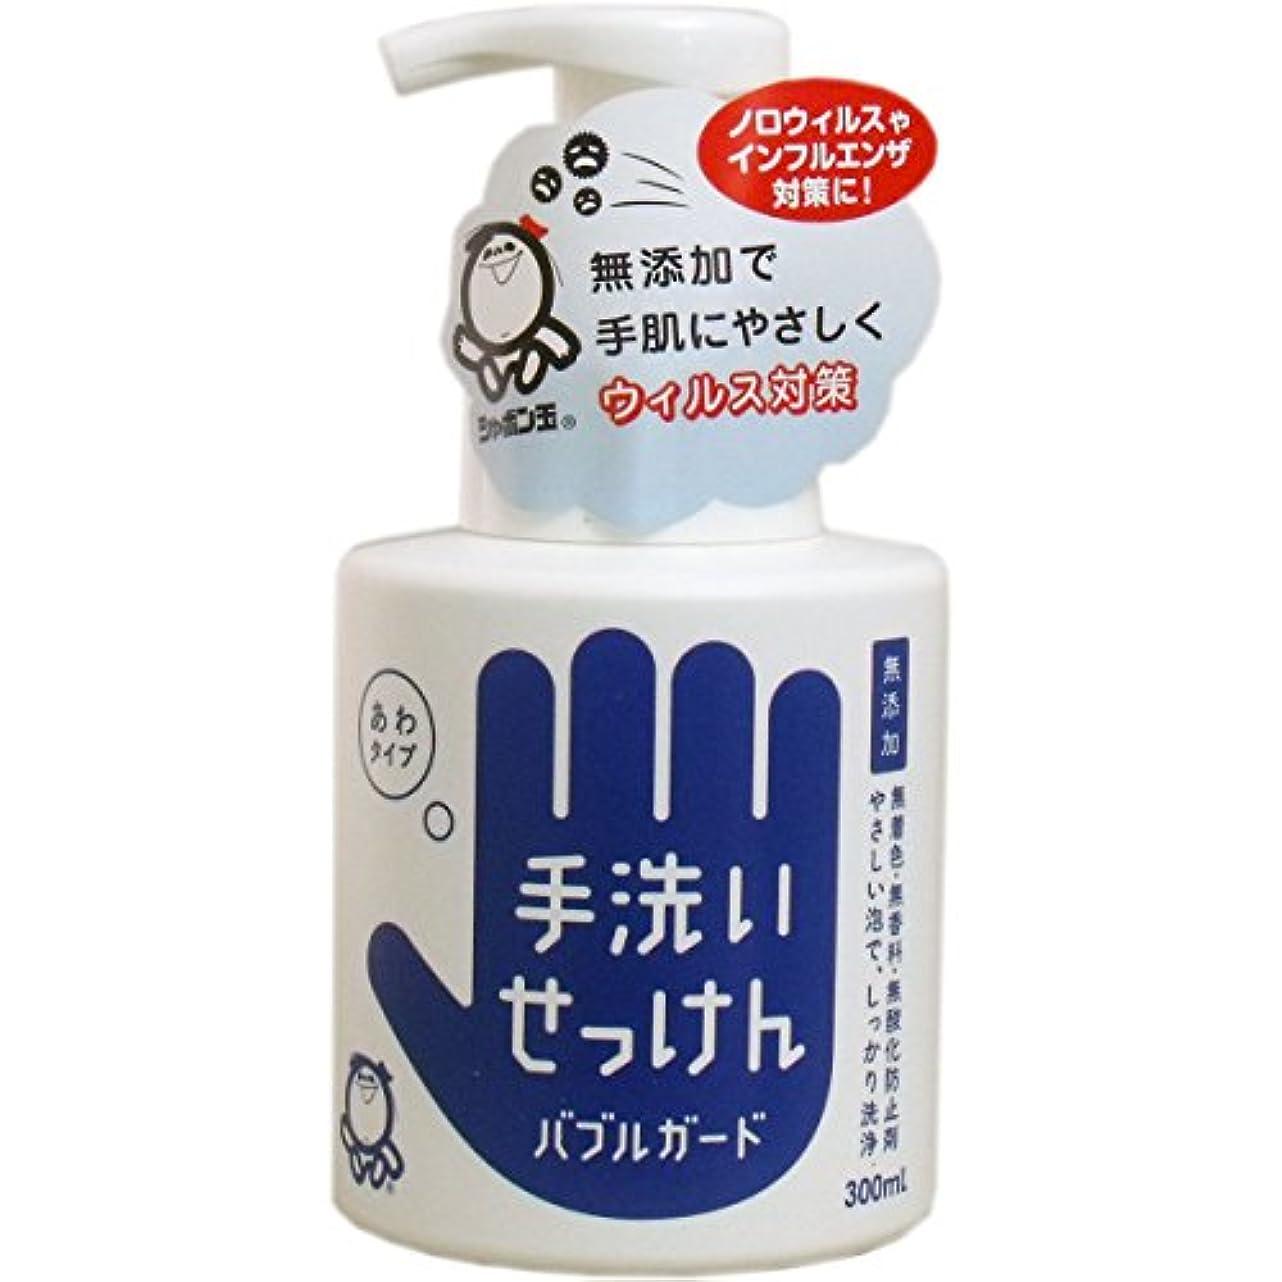 胴体服恐怖症シャボン玉石けん 手洗いせっけん バブルガード 本体 300ml 1本